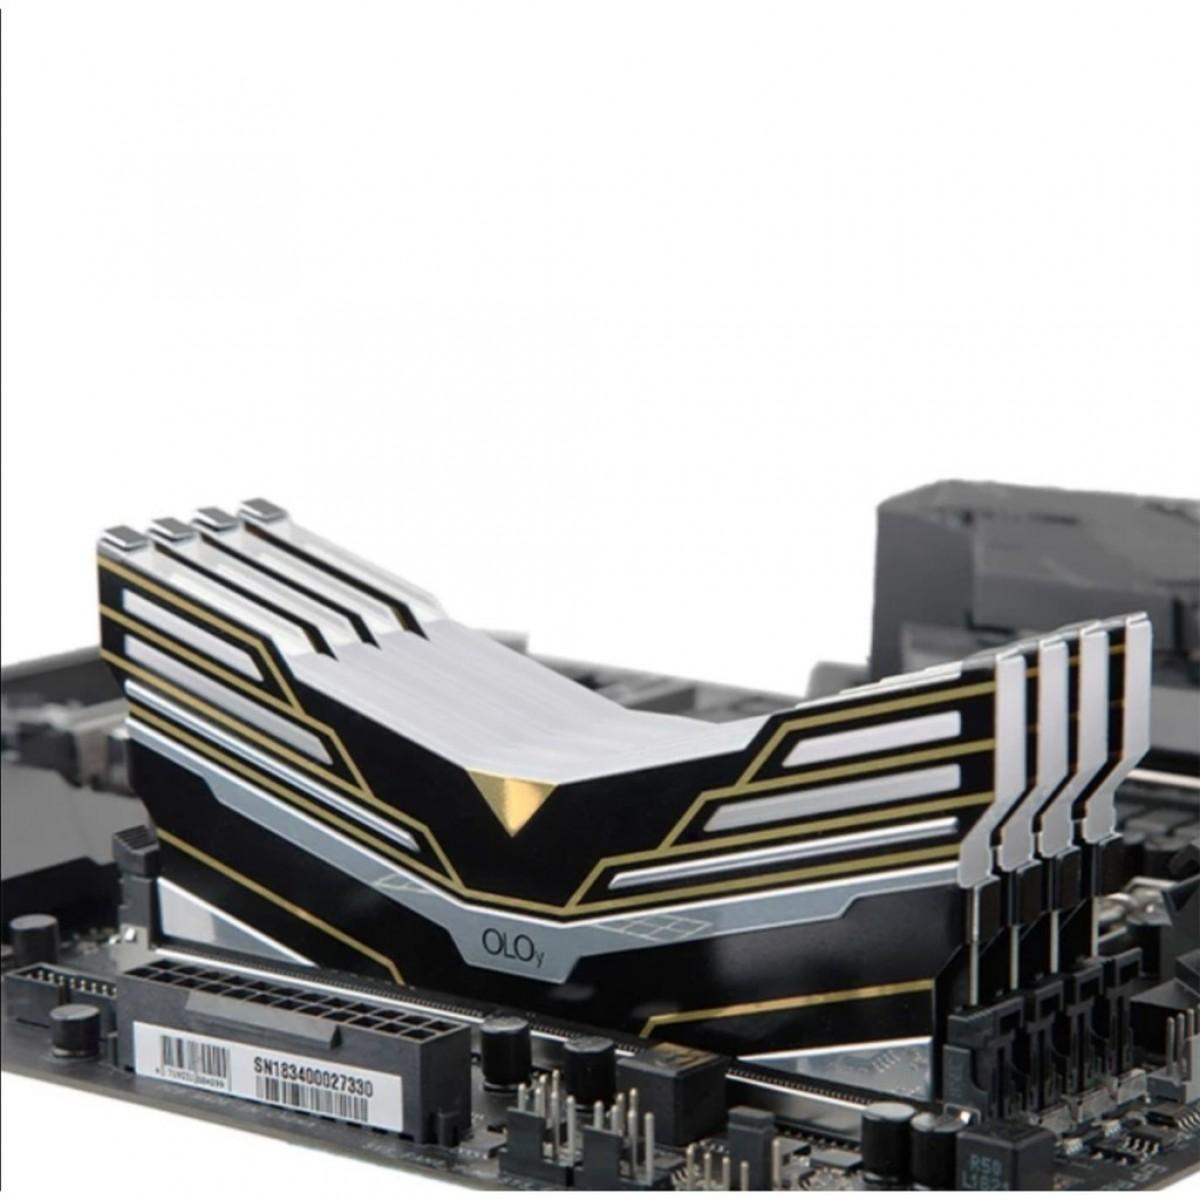 Memória DDR4 OLOy WarHawk Black, 8GB, 3200MHZ, RGB, MD4U083216BESA